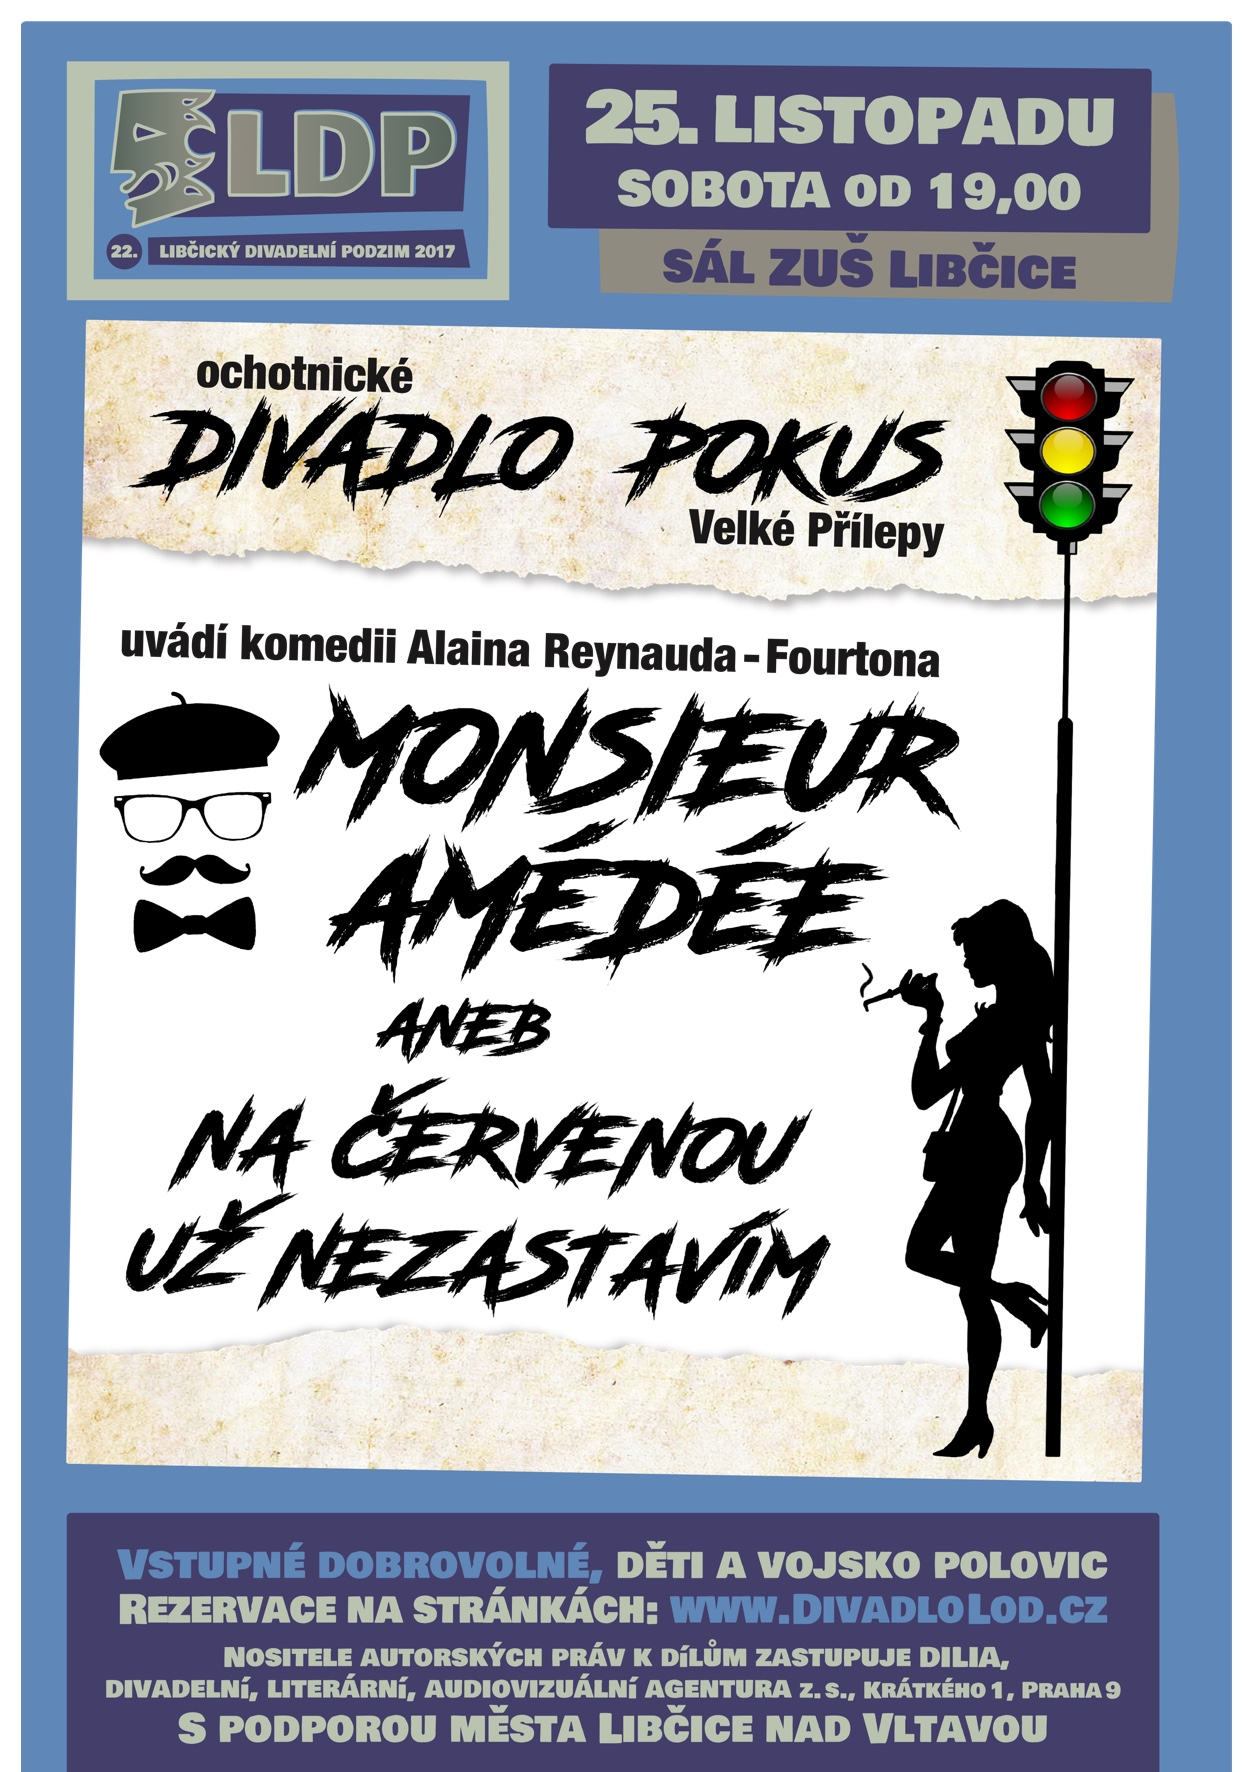 LDP 2017: Monsieur Amédée